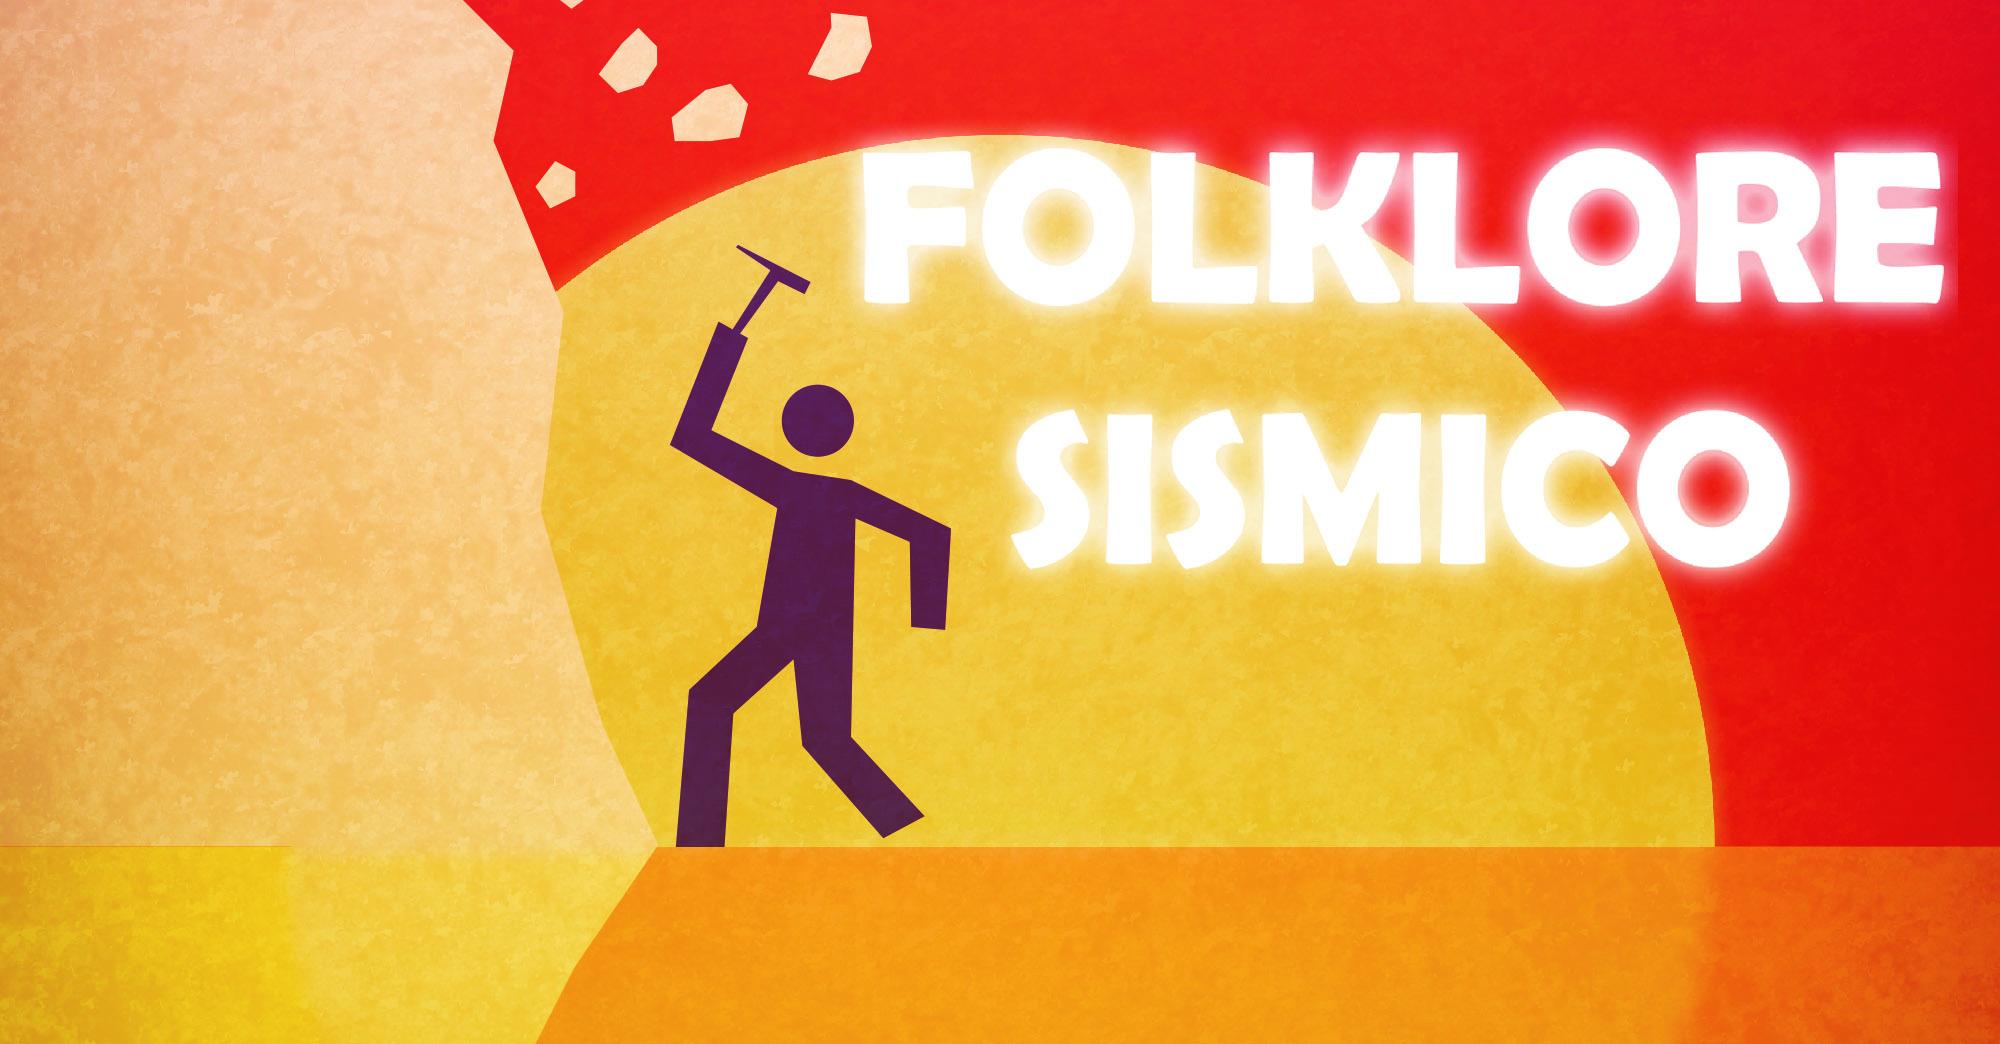 Folklore Sísmico